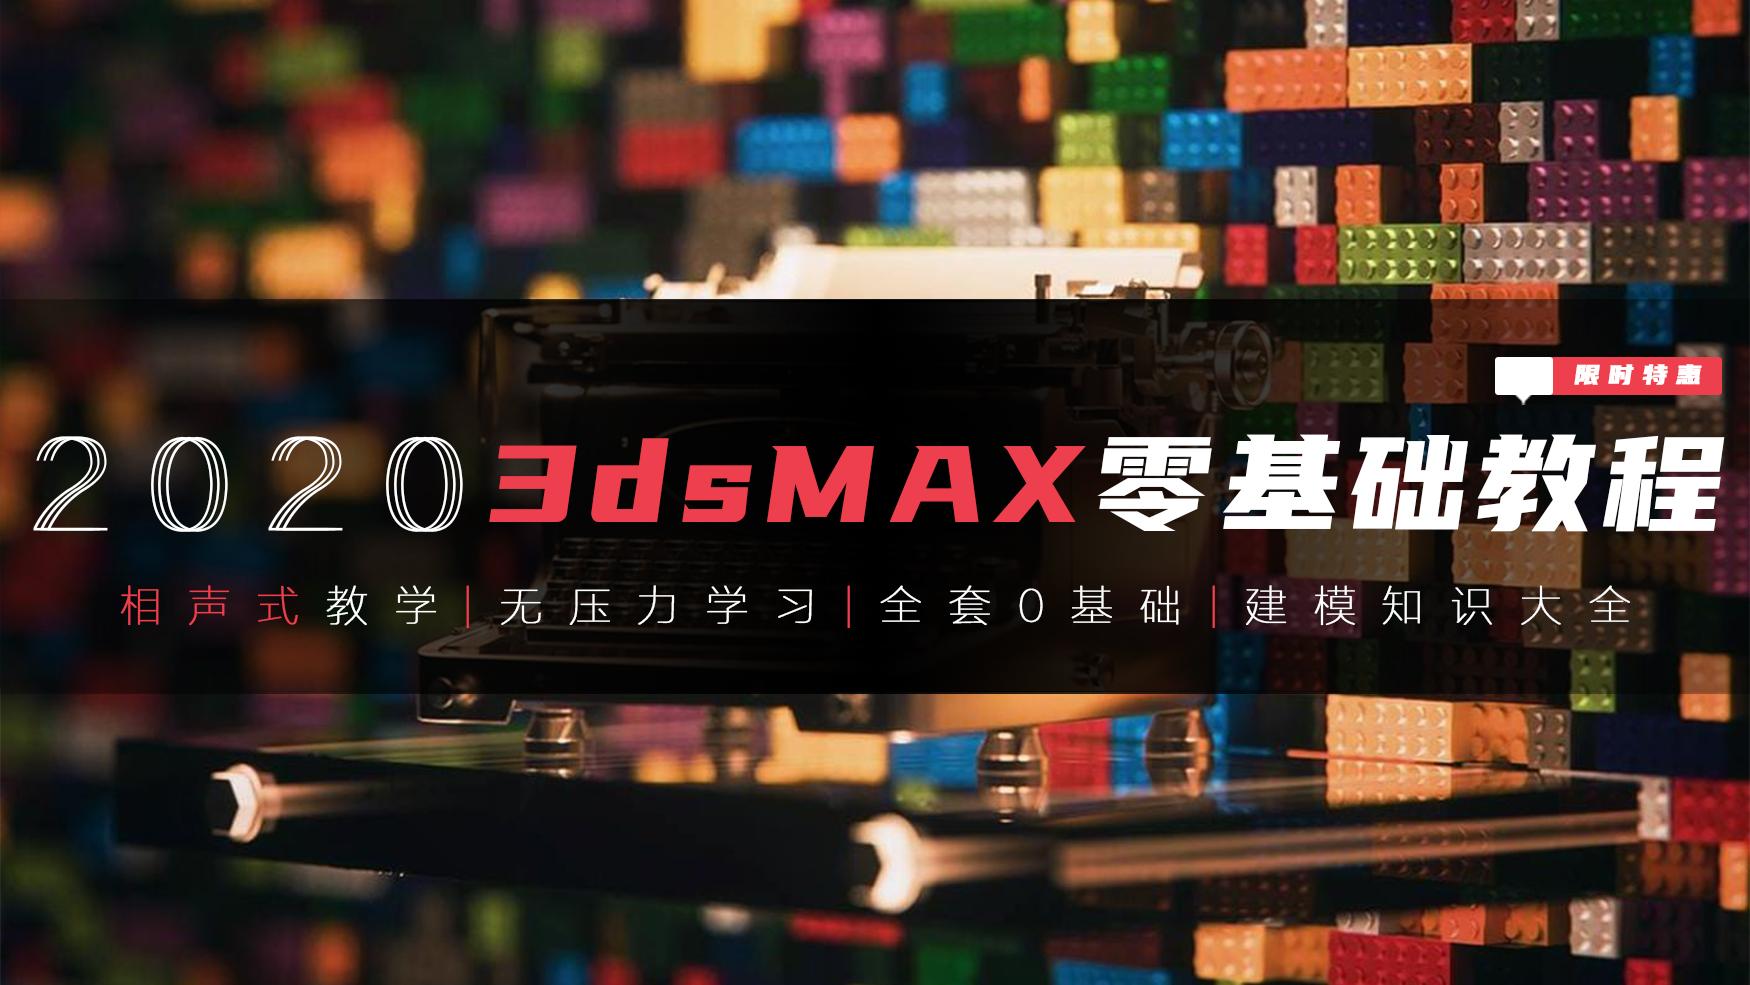 3dmax教程全套基础建模超详细